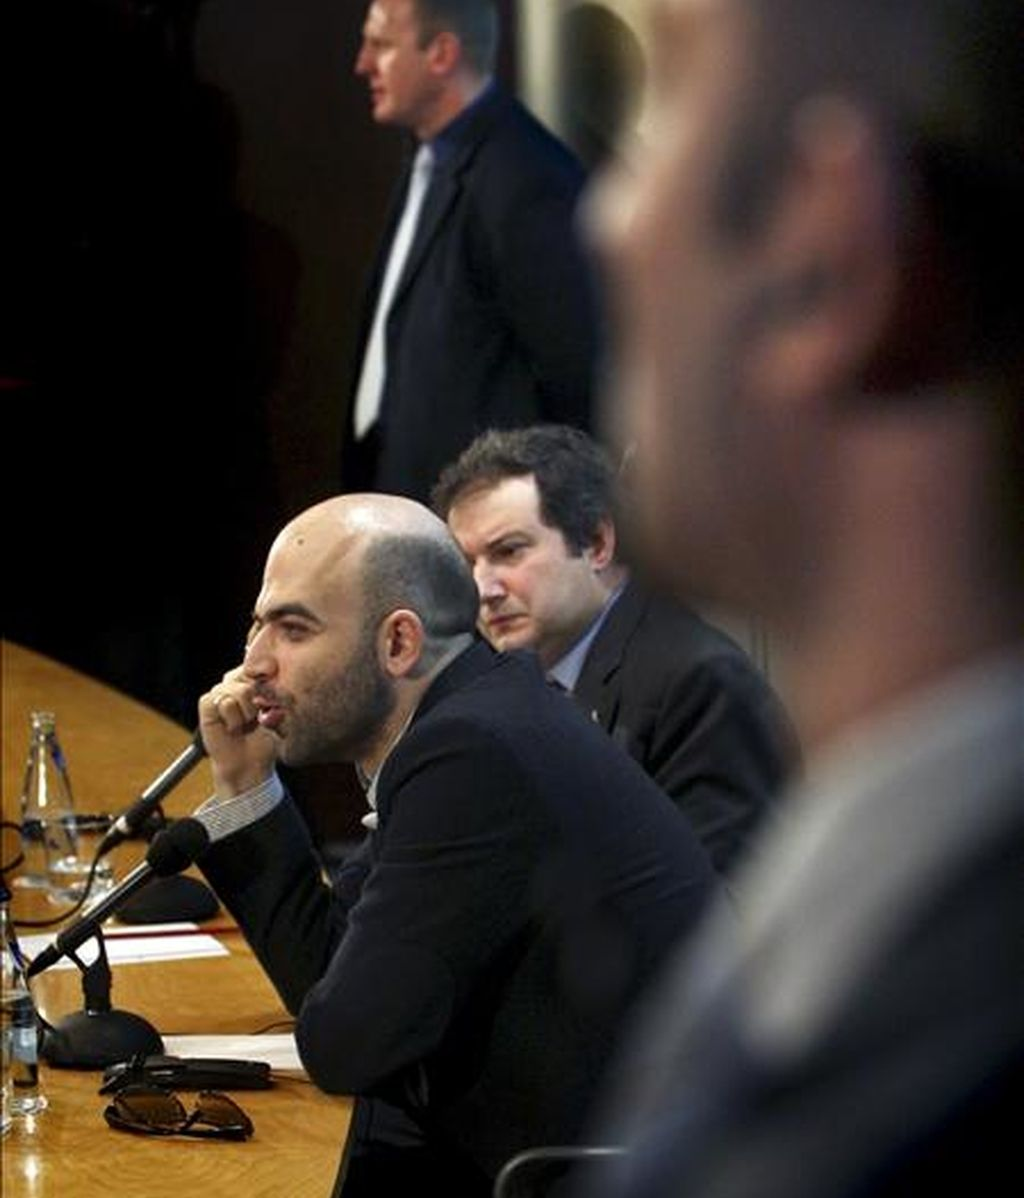 """El periodista y escritor italiano Roberto Saviano, autor de """"Gomorra"""", durante la rueda de prensa que ha ofrecido esta mañana en el Ayuntamiento de Barcelona, rodeado de unas excepcionales medidas de seguridad. EFE"""